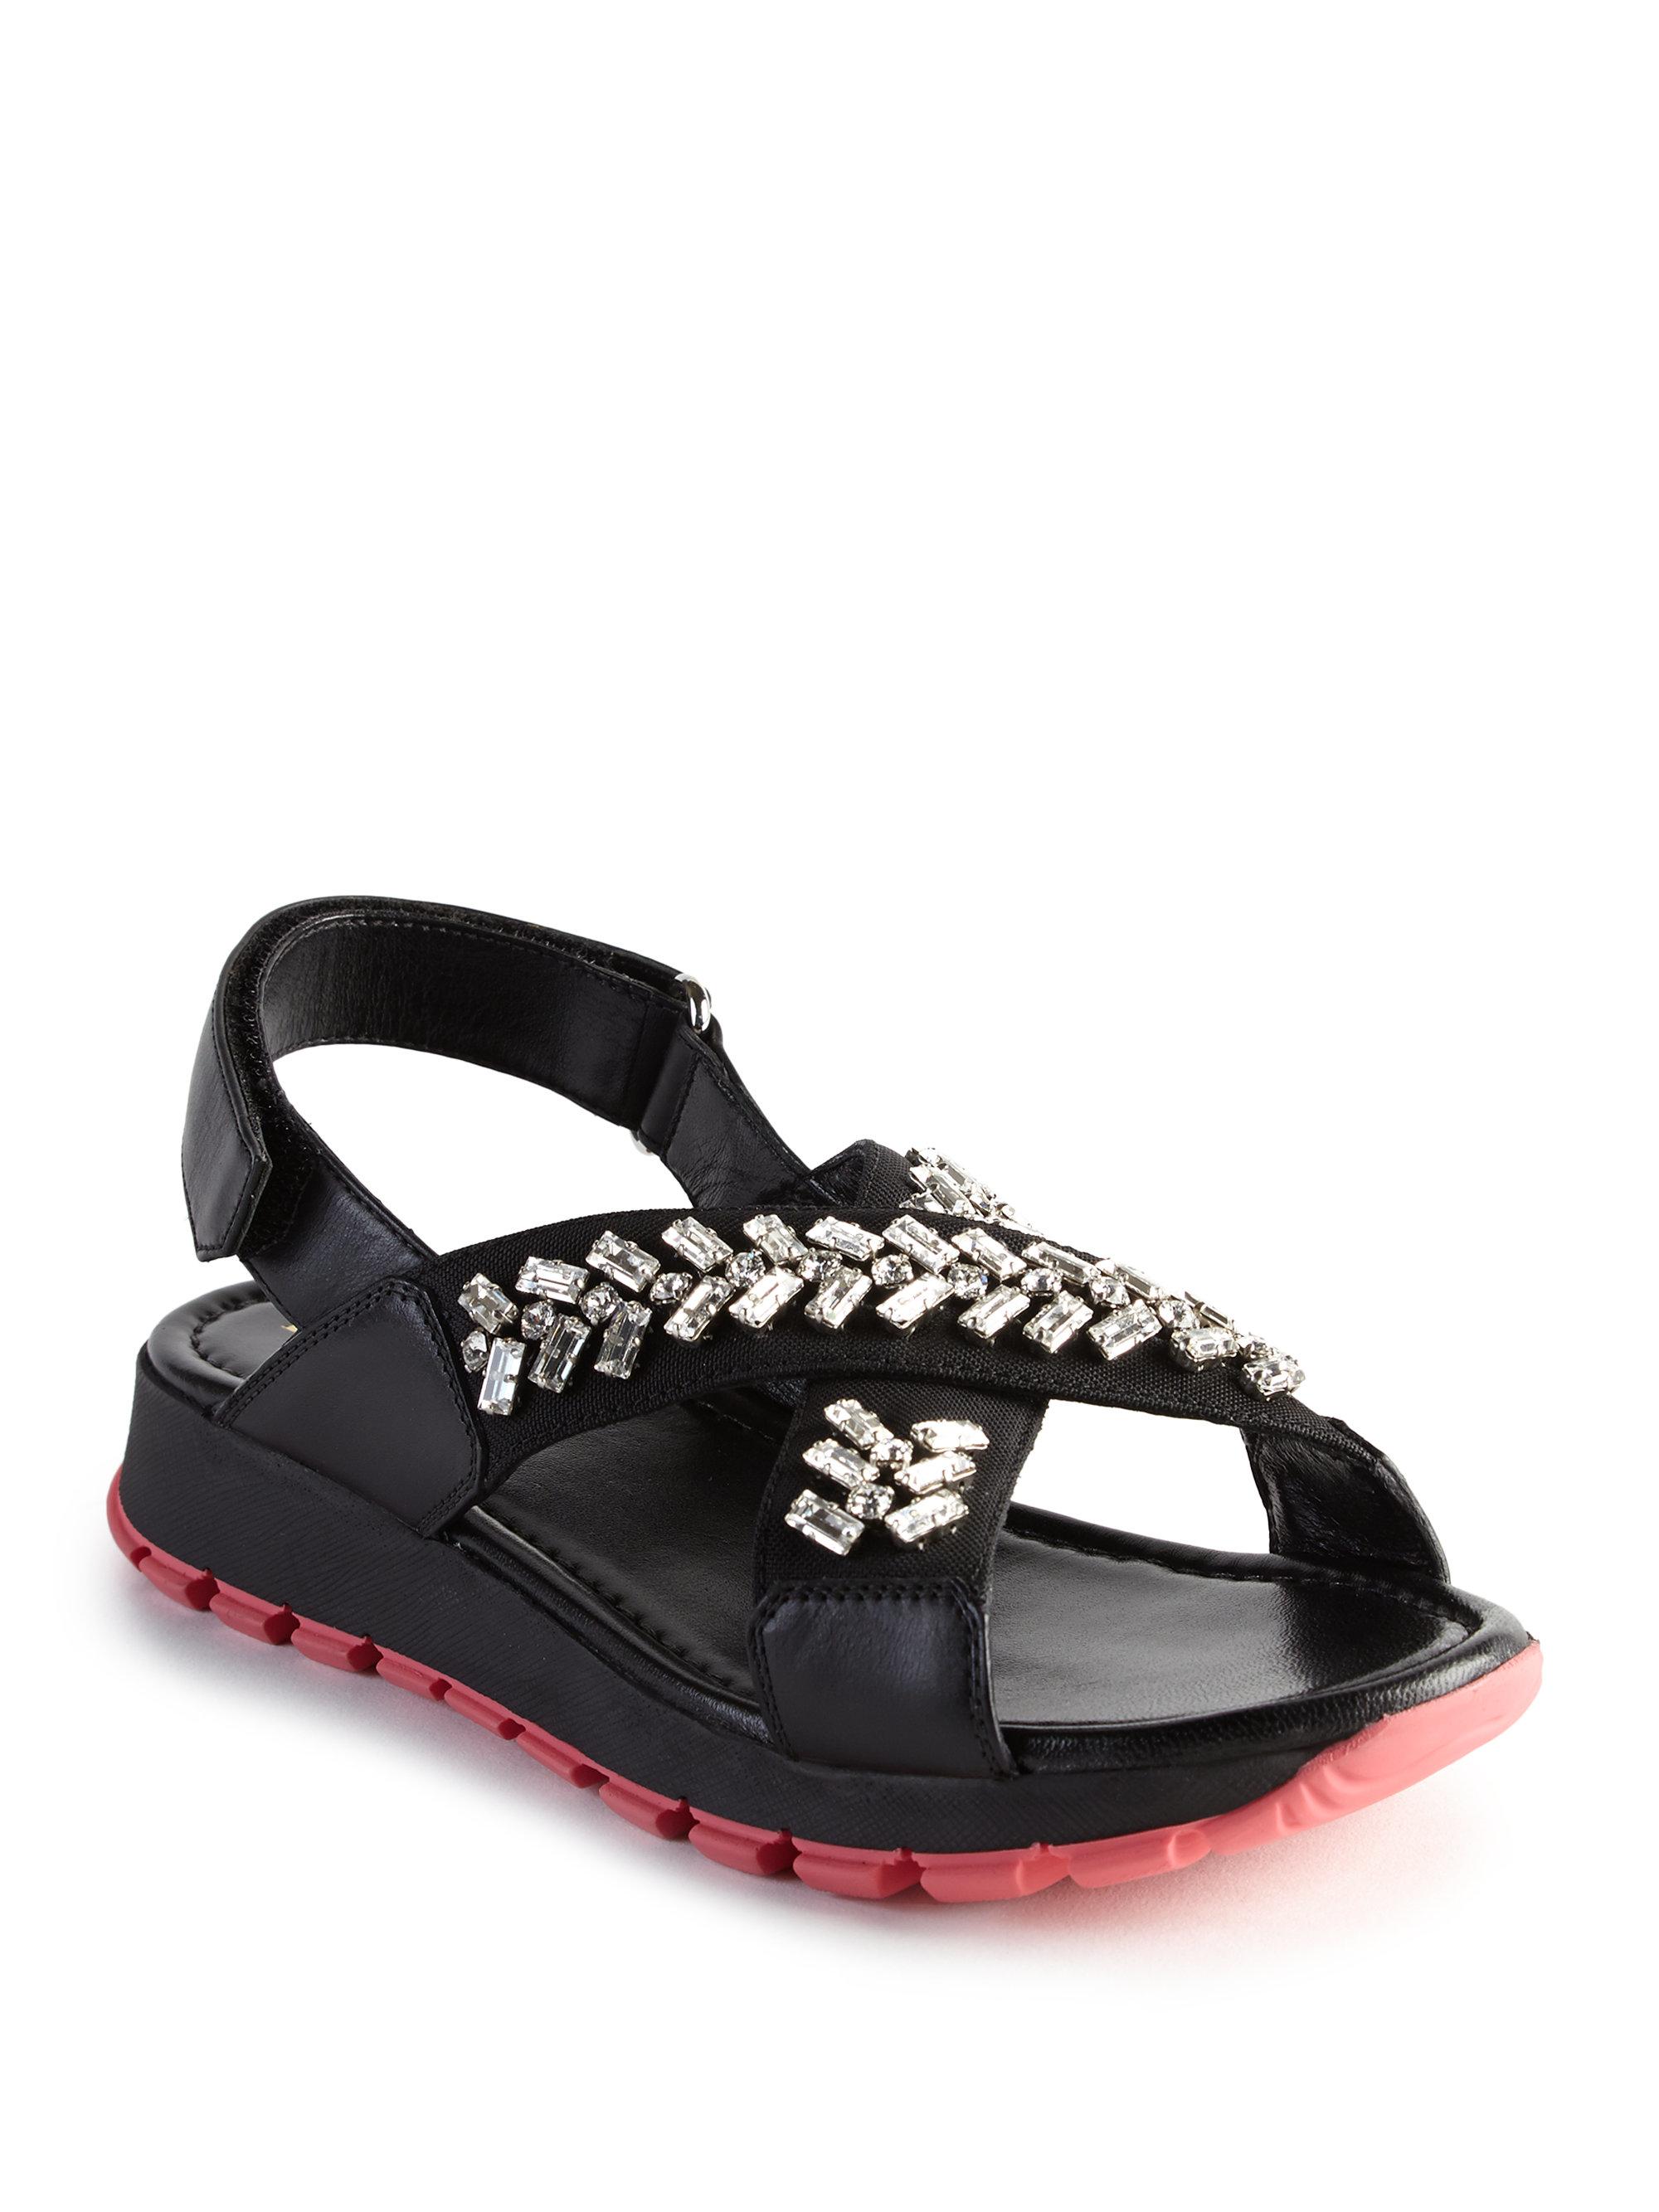 Embellished leather sandals Prada npsFLKc